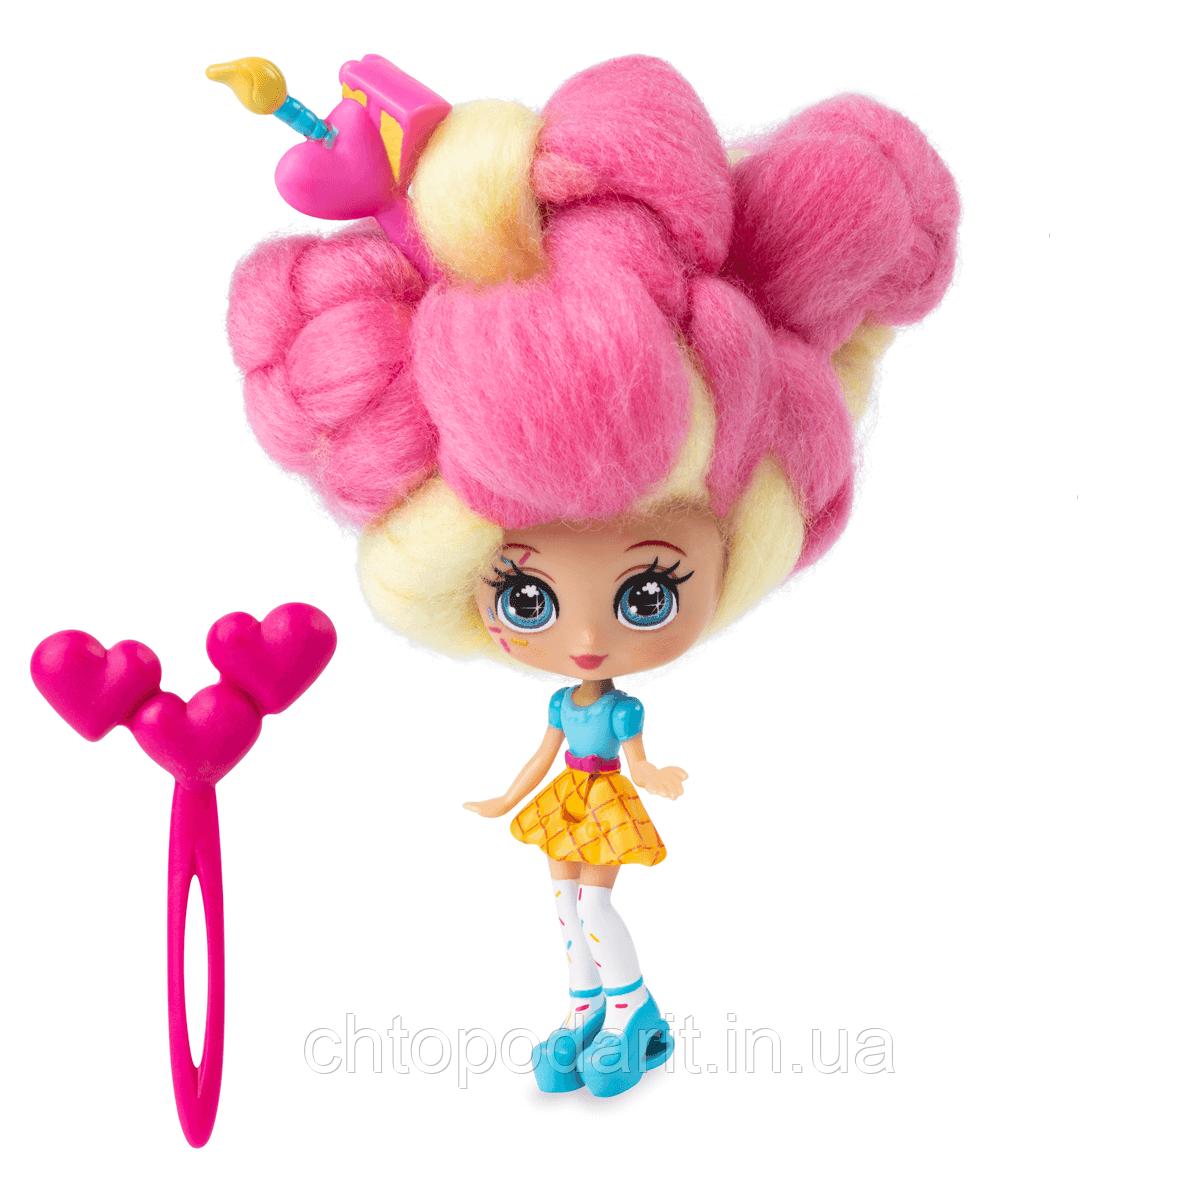 """Кукла """"Кендилукс сладкая вата"""" Candylocks с цветными волосами Код 12-2039"""